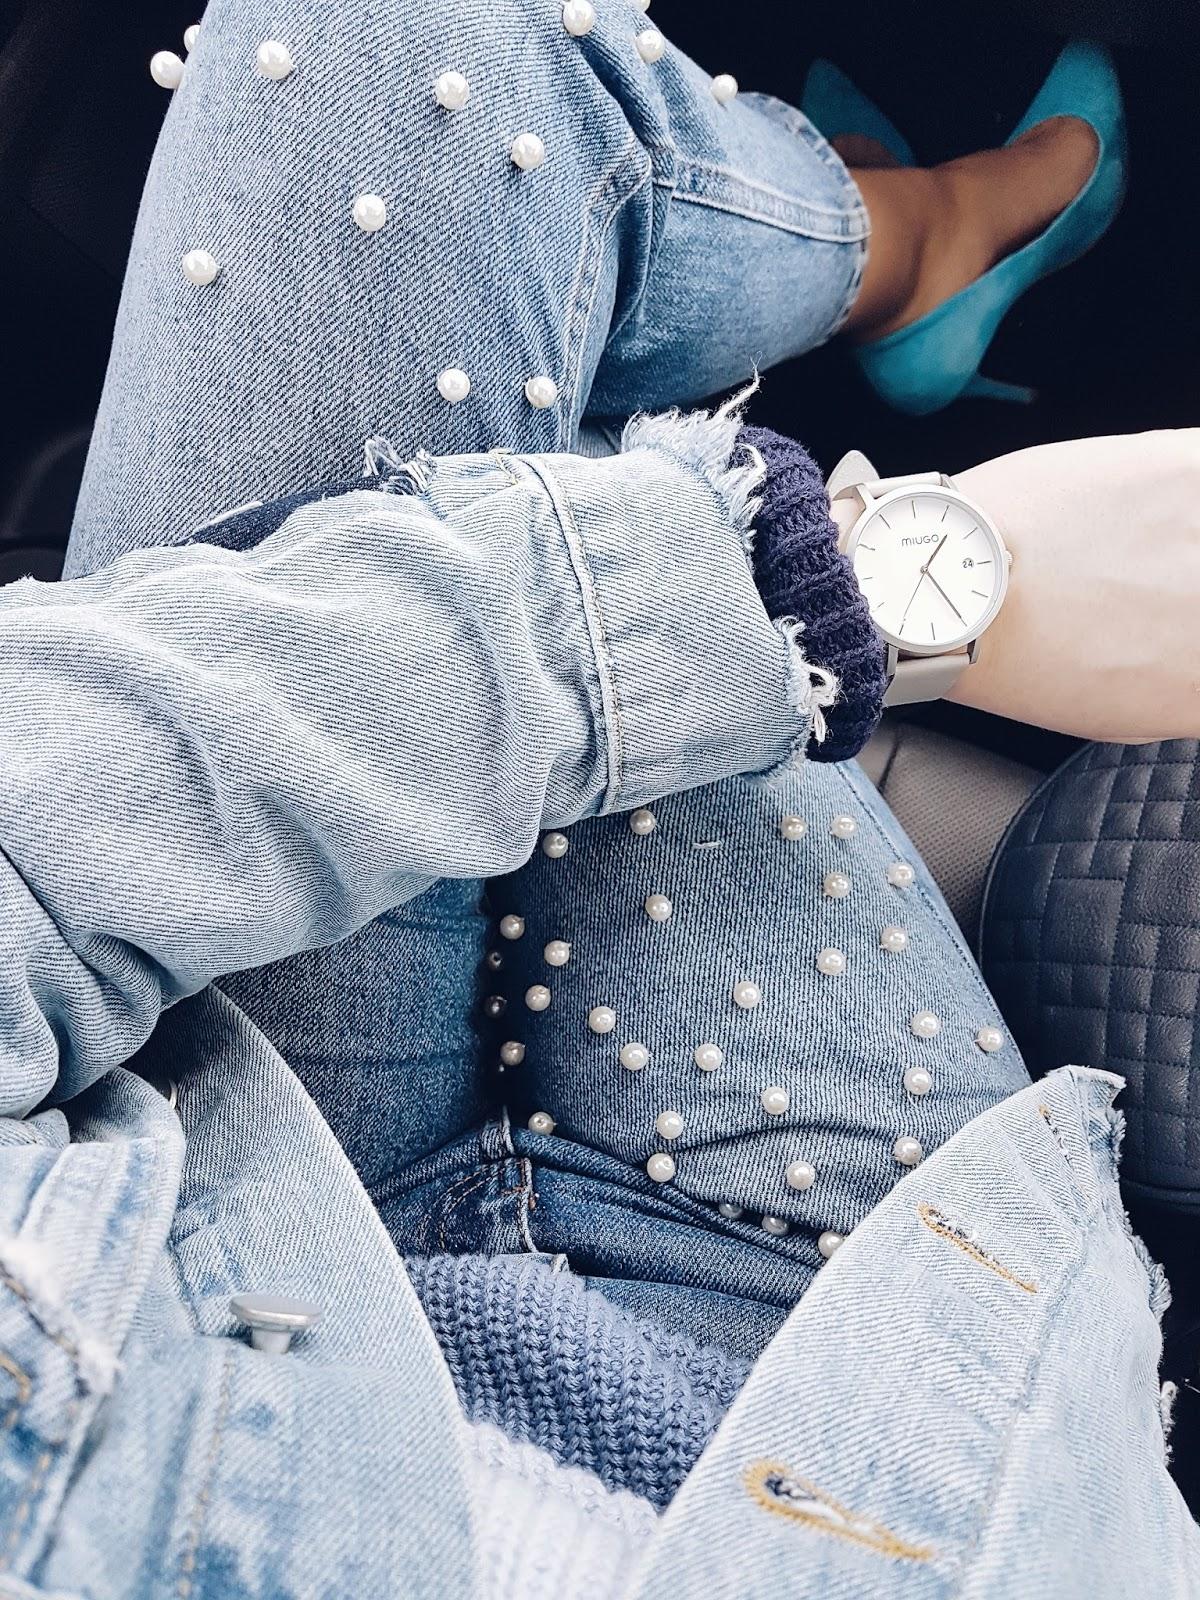 Denim & pearls czyli perełkowe mom jeans